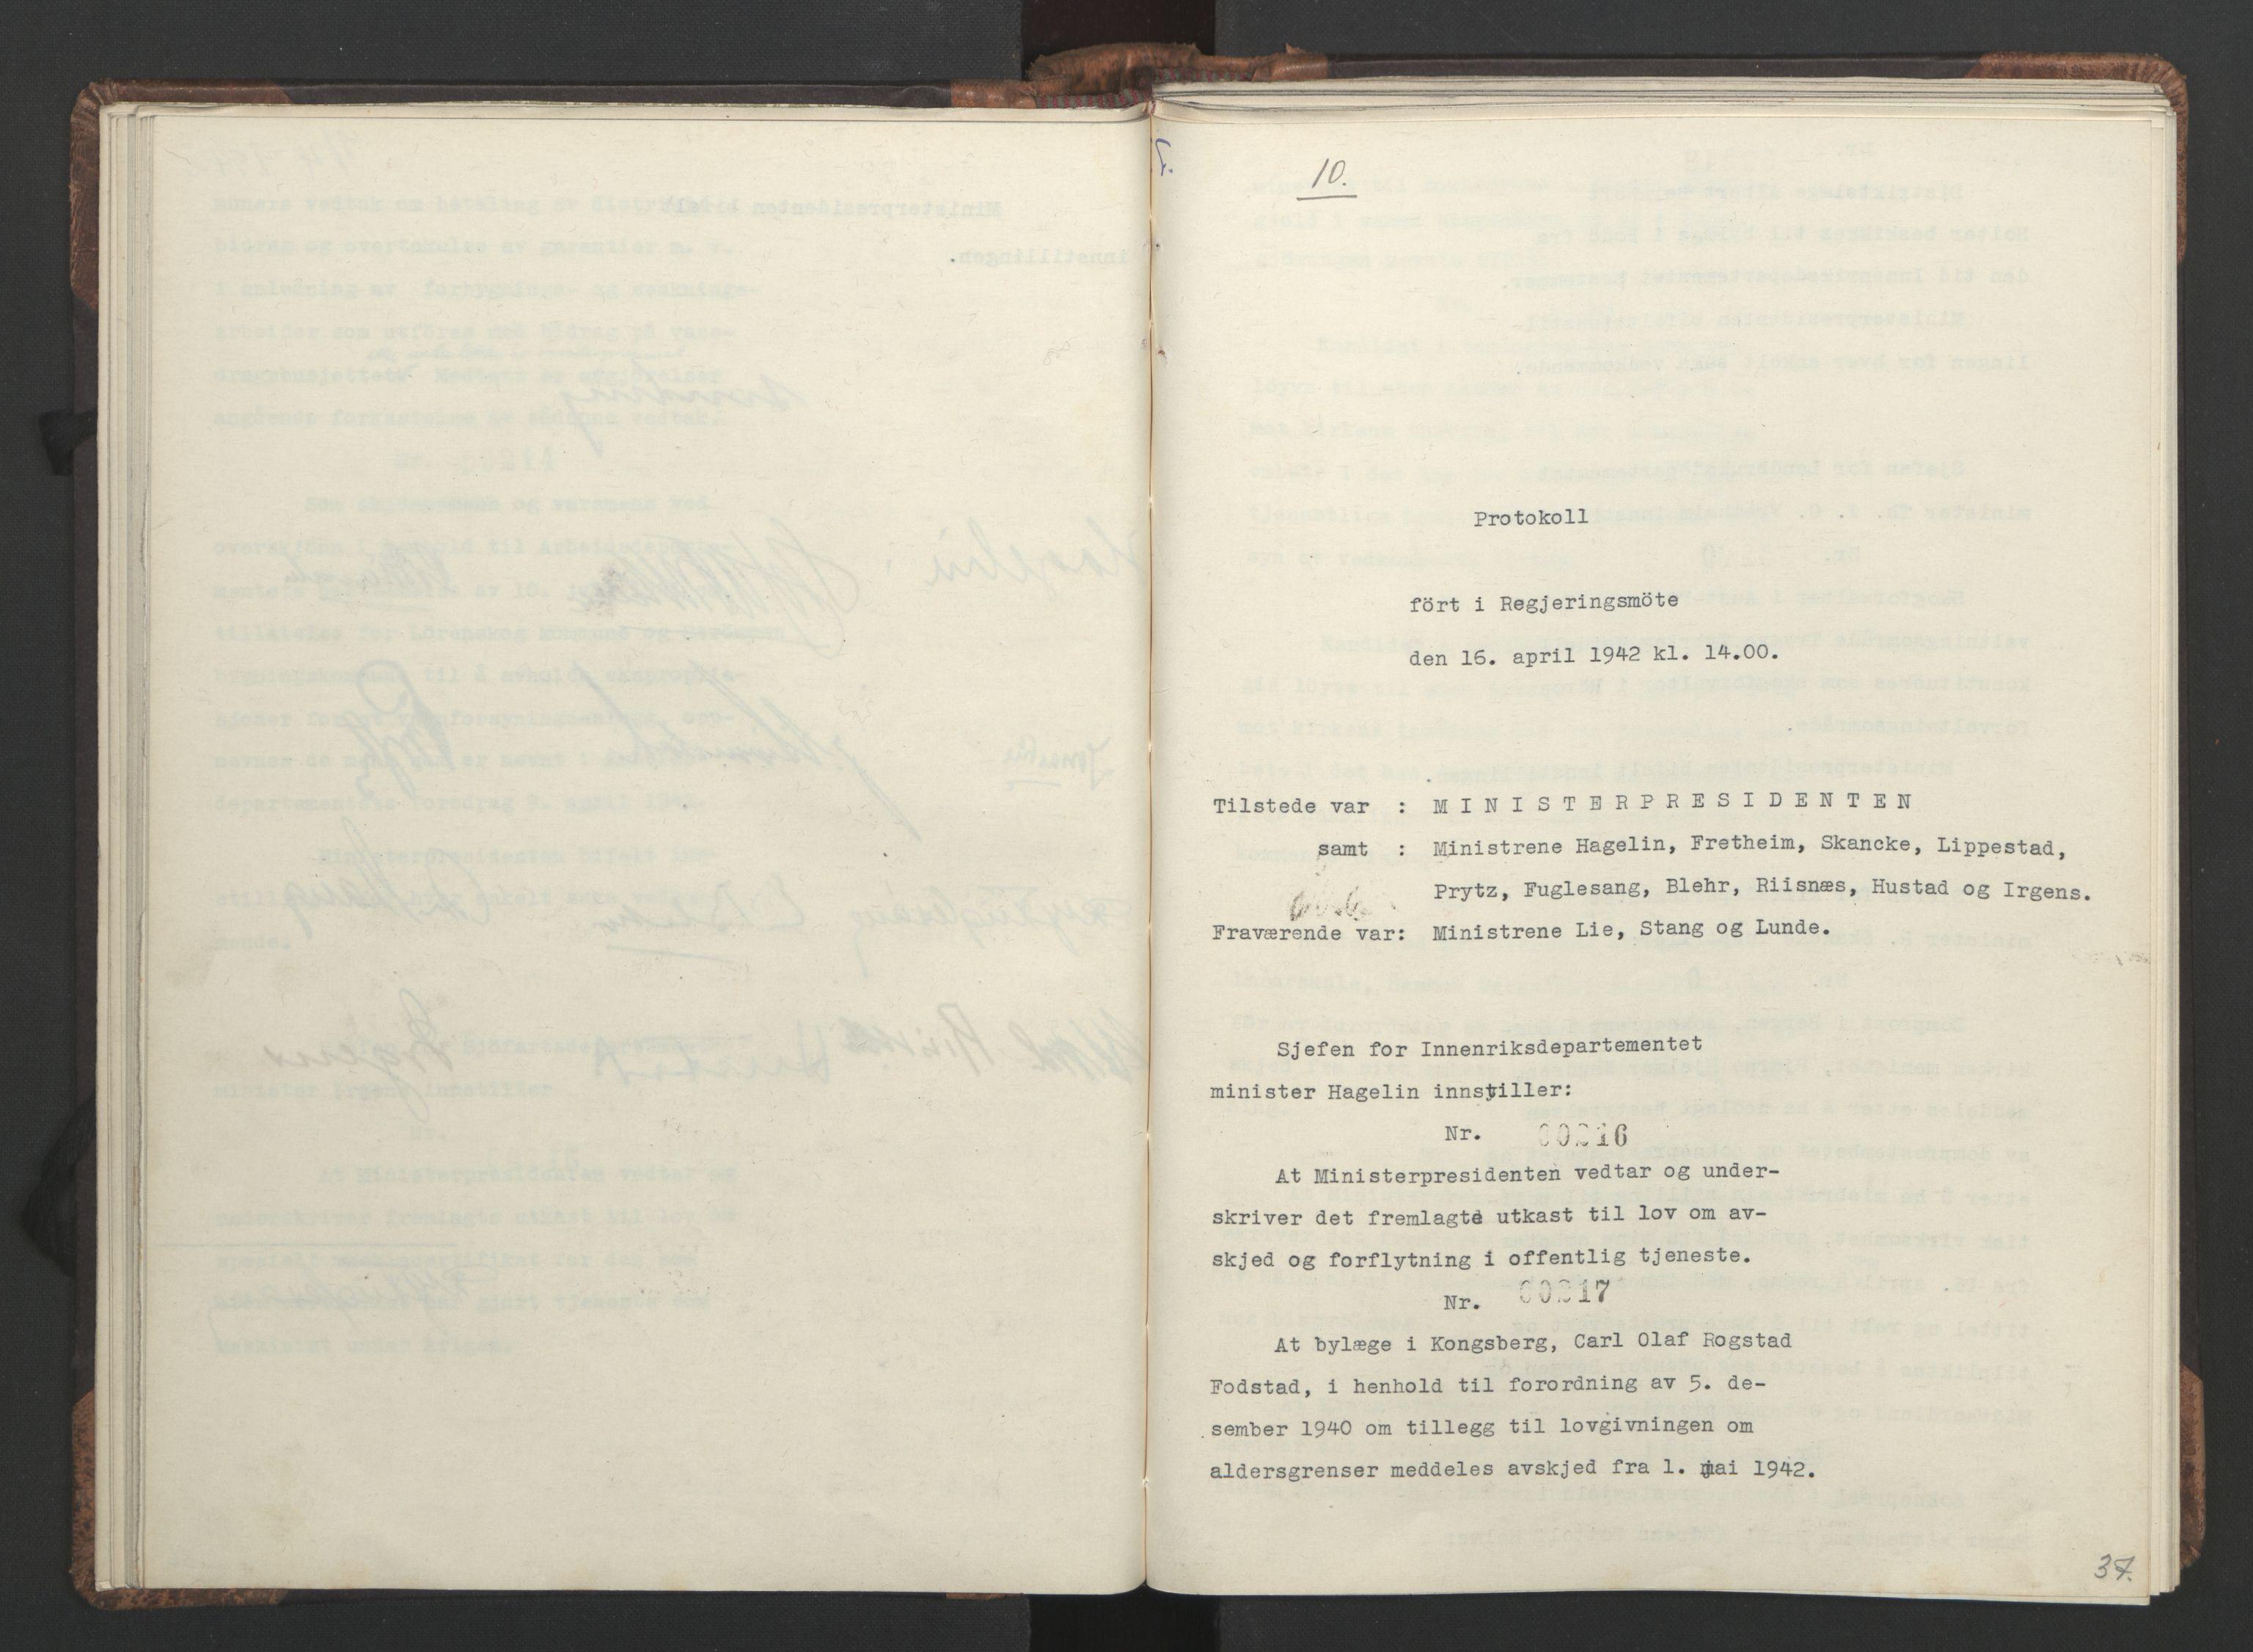 RA, NS-administrasjonen 1940-1945 (Statsrådsekretariatet, de kommisariske statsråder mm), D/Da/L0001: Beslutninger og tillegg (1-952 og 1-32), 1942, s. 36b-37a